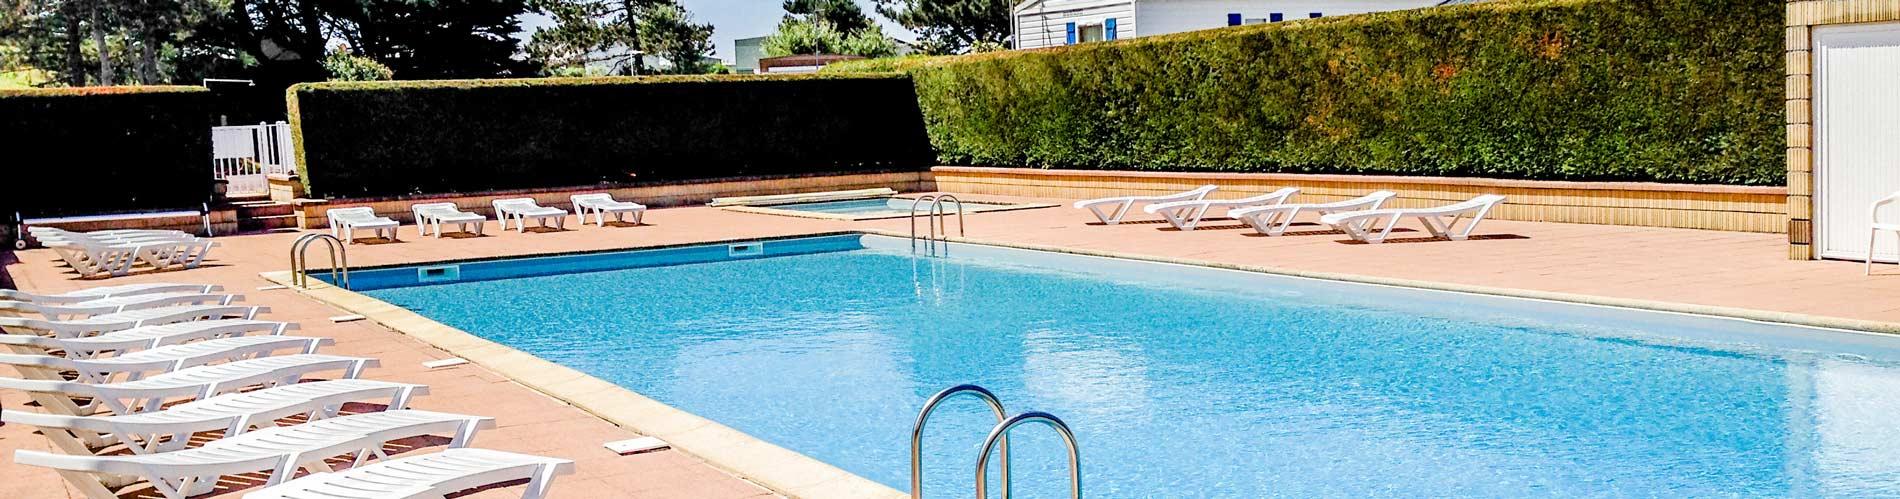 camping etretat avec piscine nouveaux mod les de maison